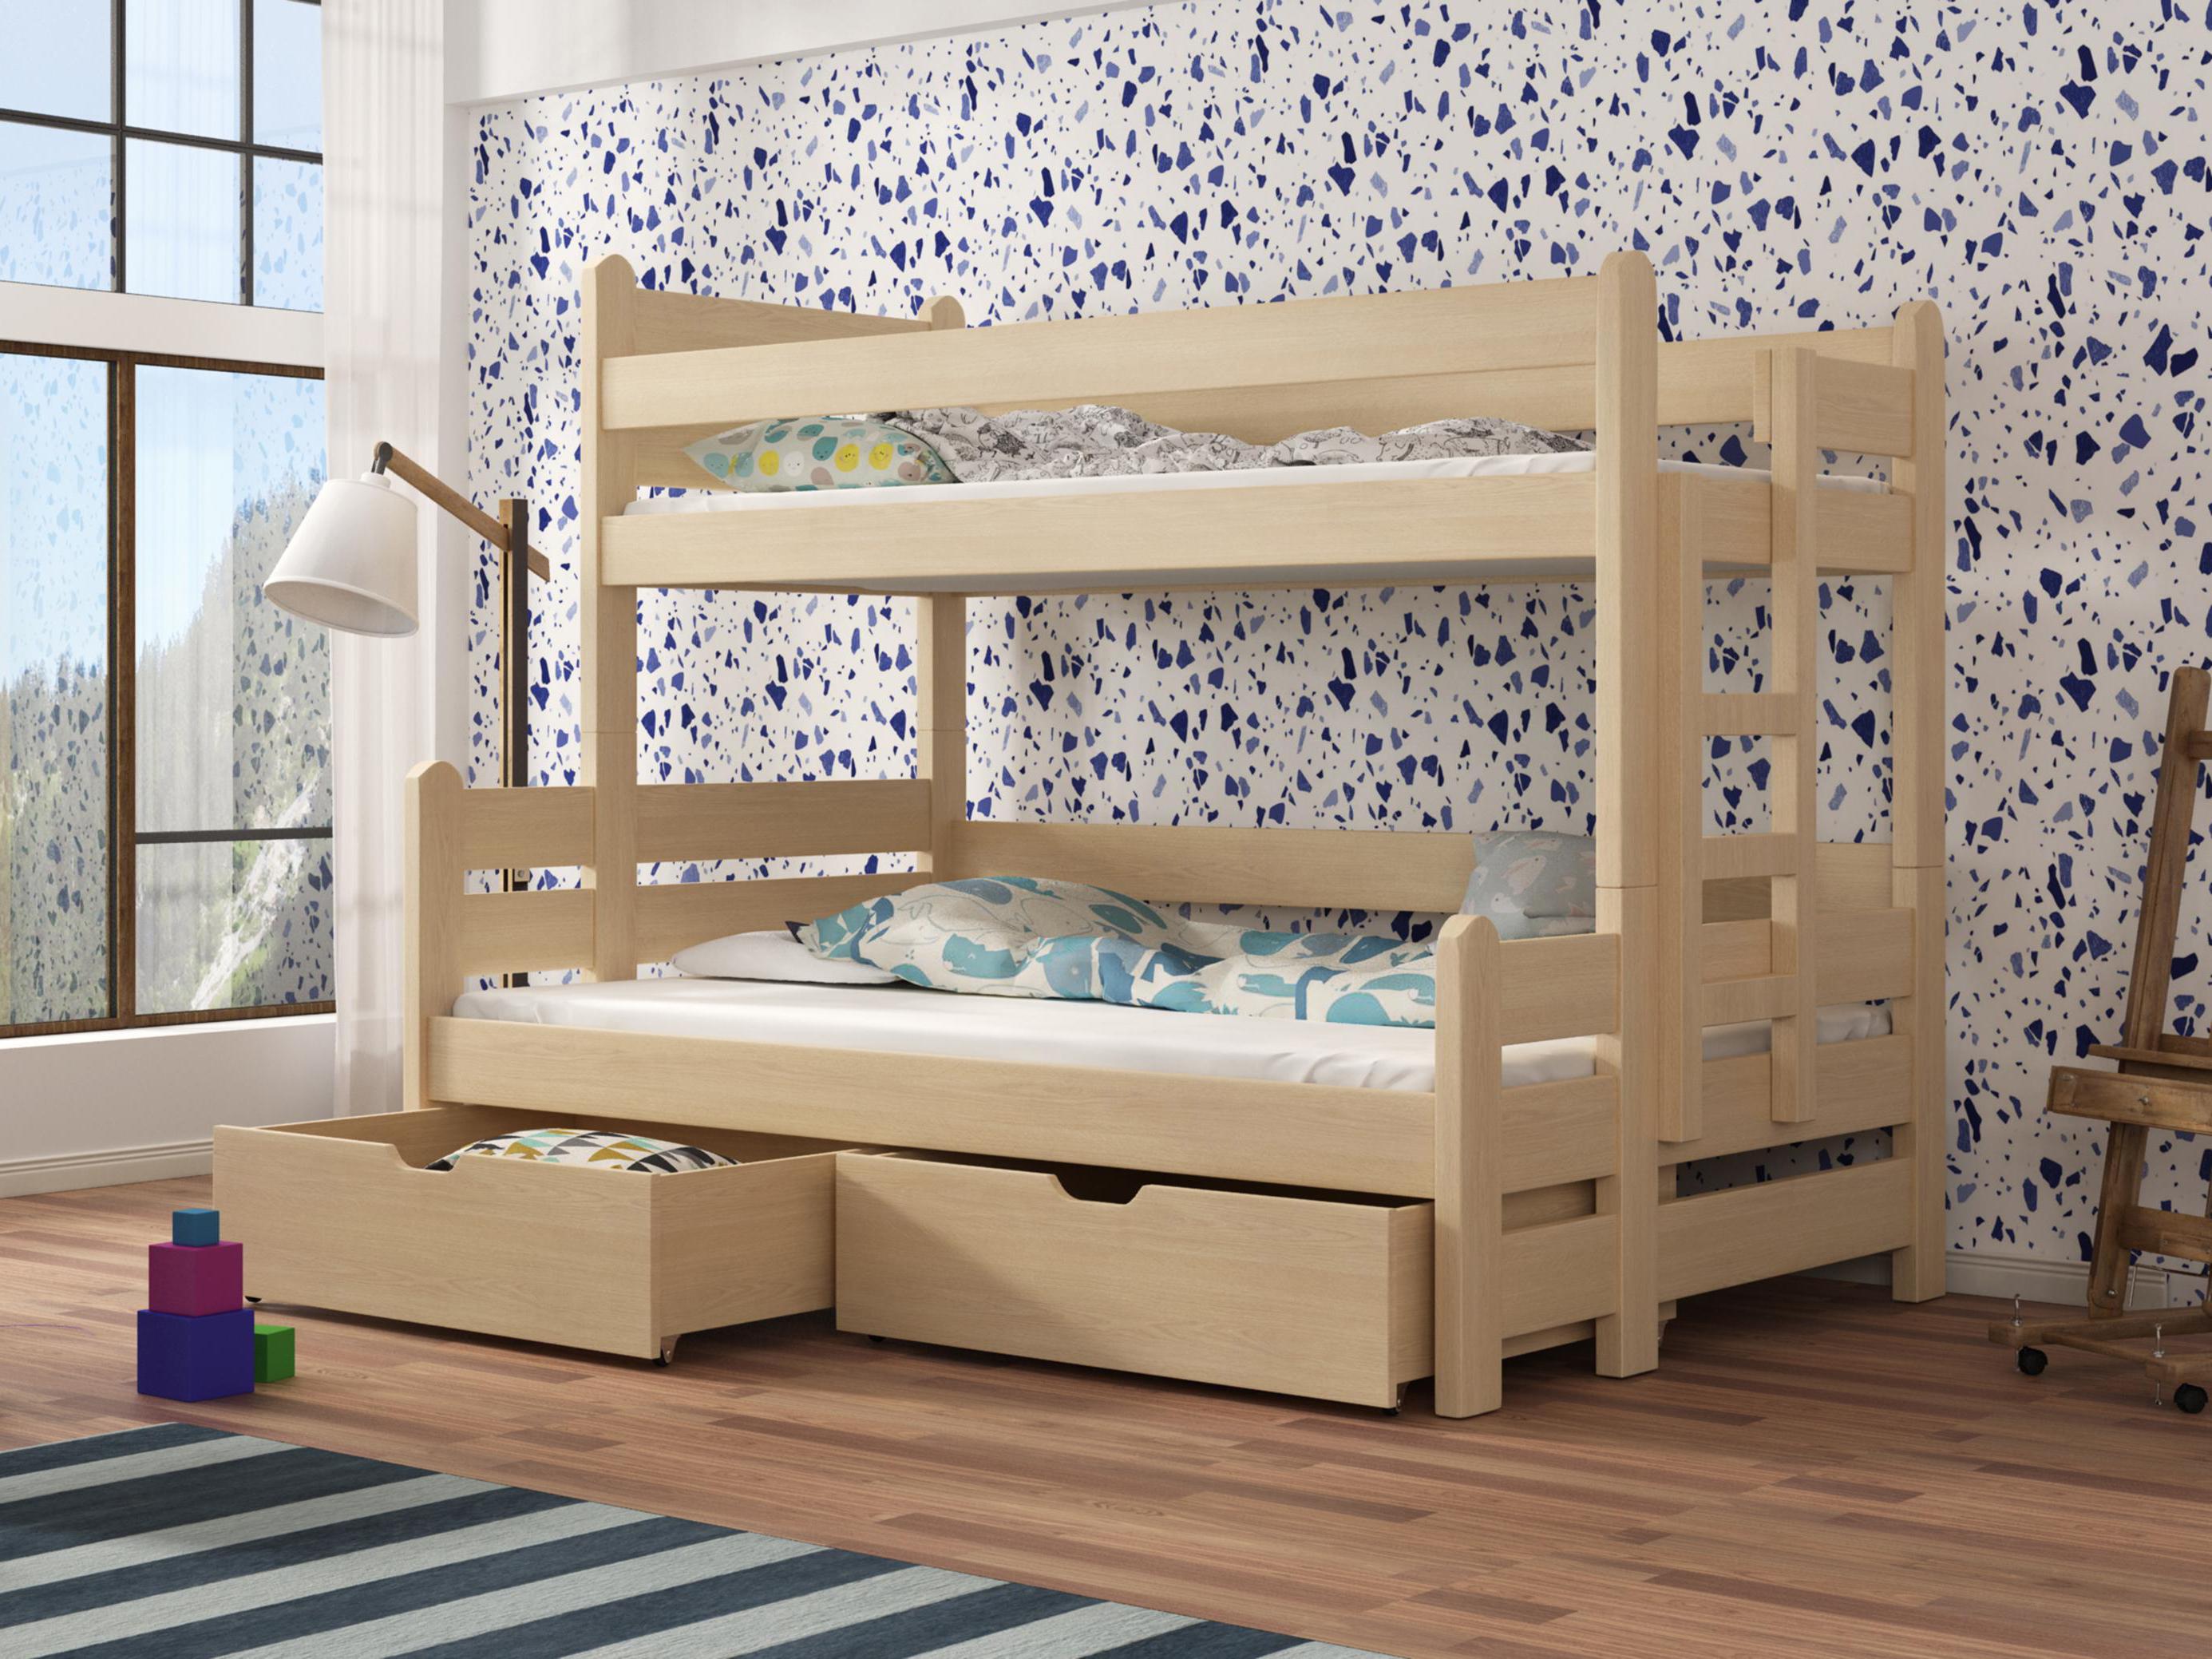 54374e9bdcadb Detská poschodová posteľ 90 cm Bivi (borovica) | NovýNábytok.sk